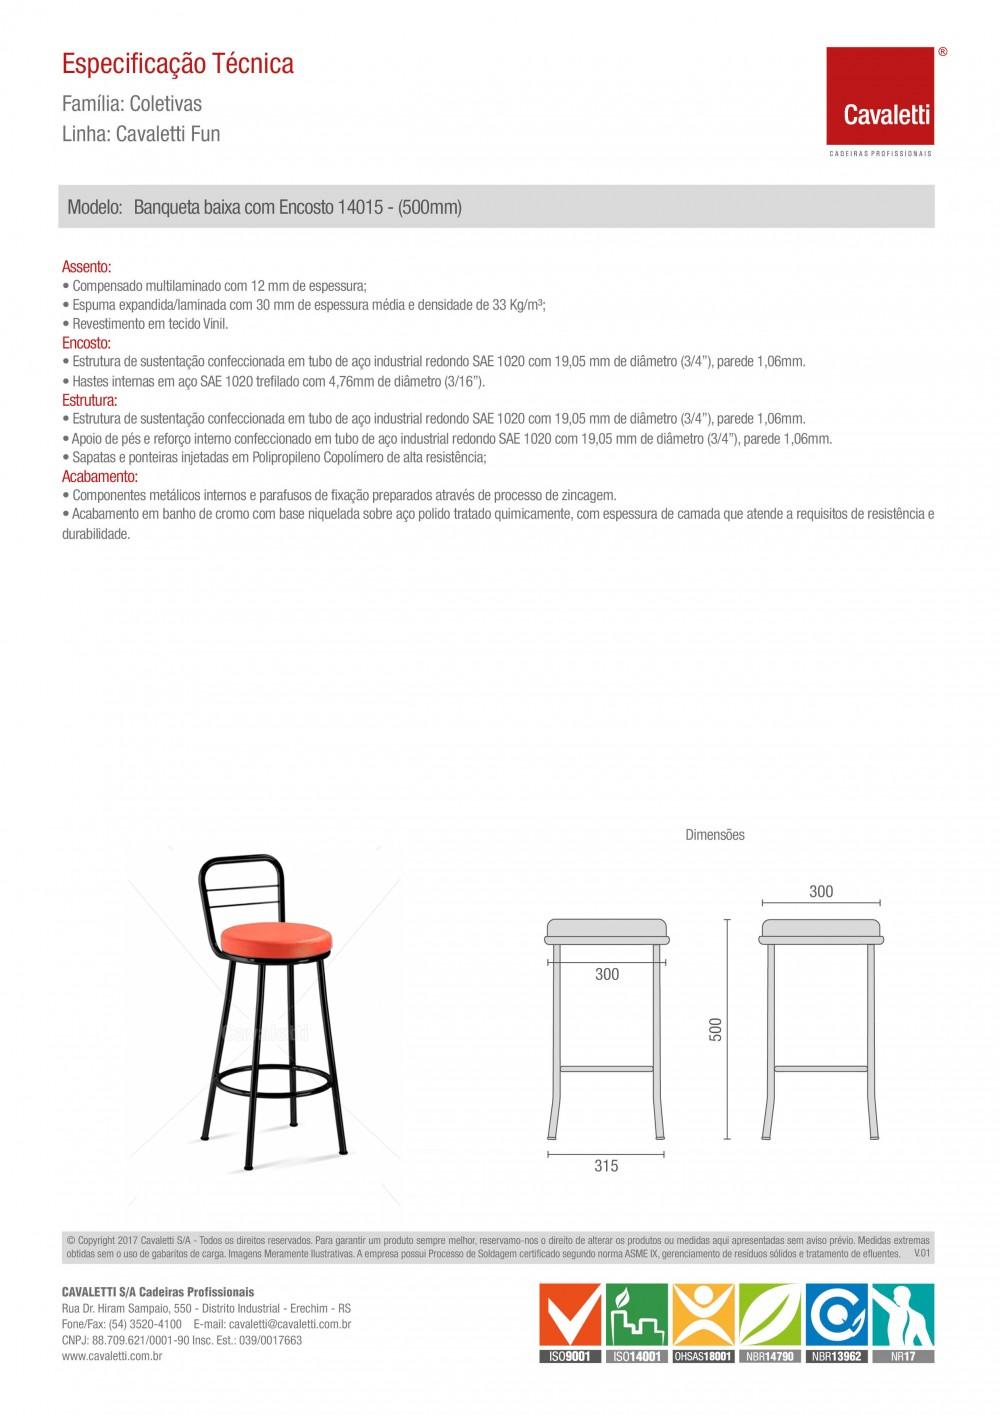 Banqueta / Banco - com encosto 14015 - 500mm Altura - Baixo - ESTRUTURA PRETA - Linha Fun - Cavaletti -